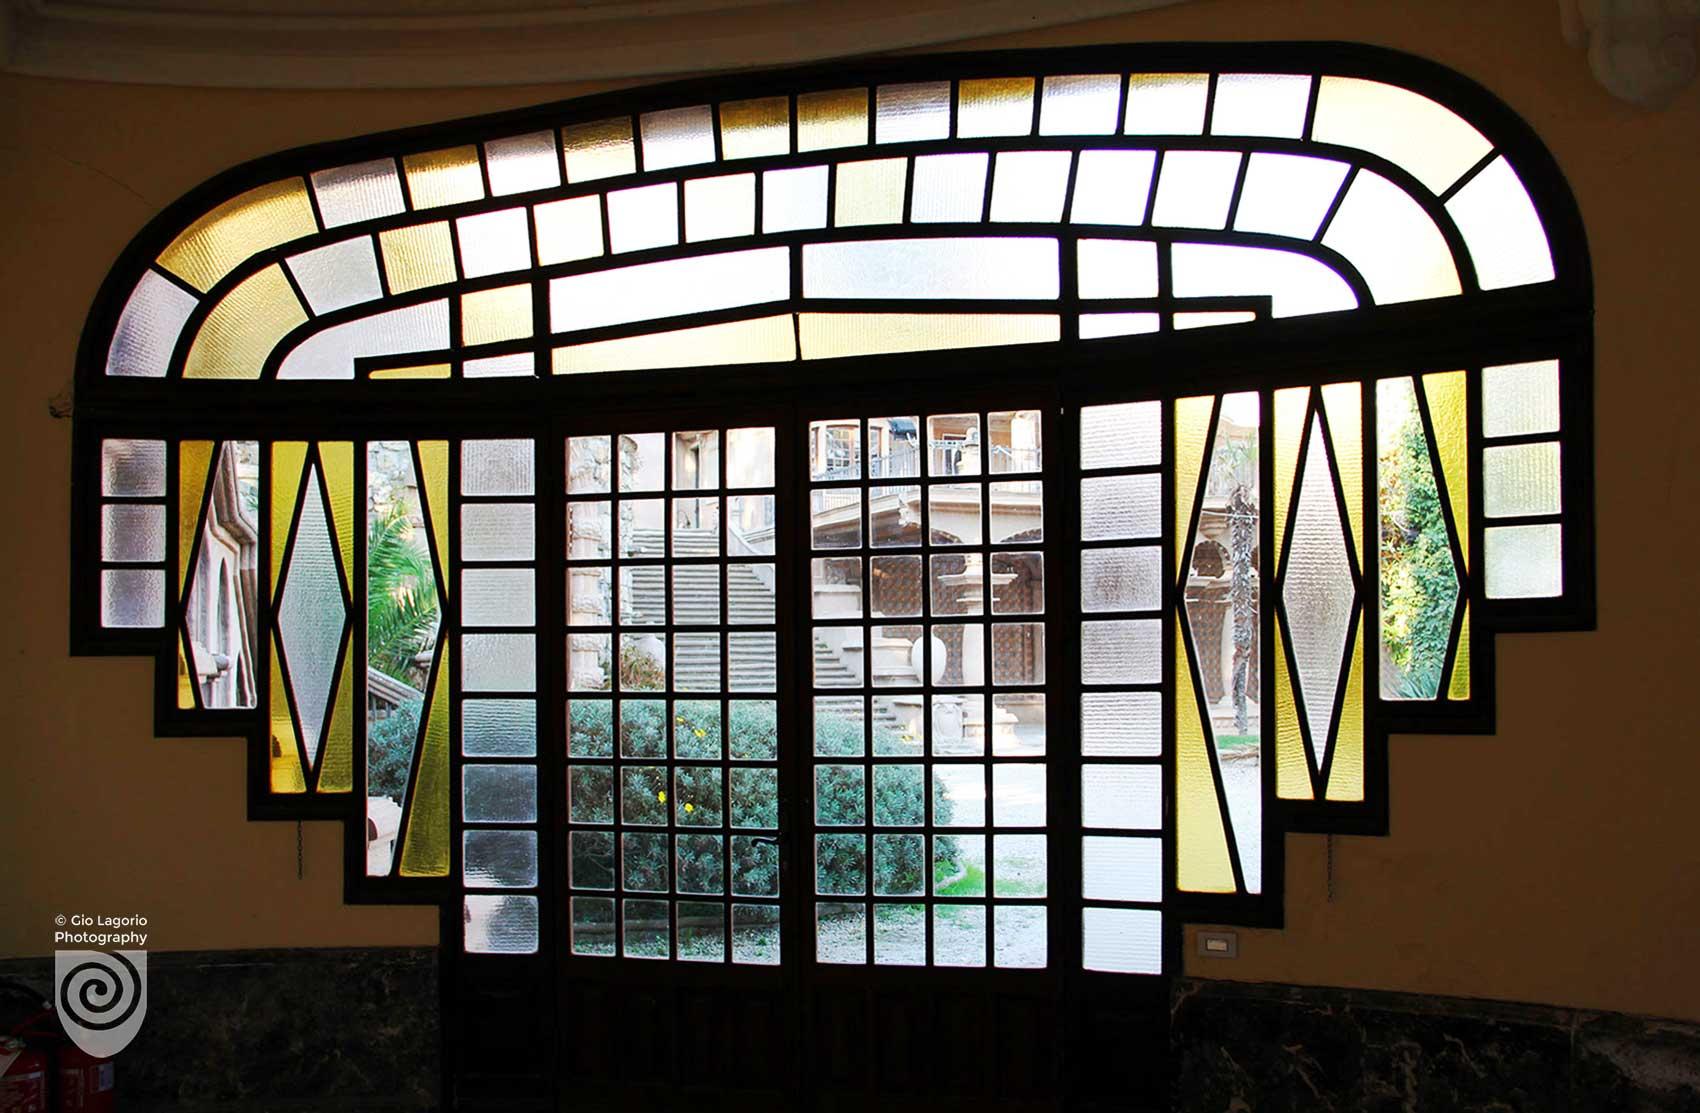 Esterni visti dalla vetrata del salone